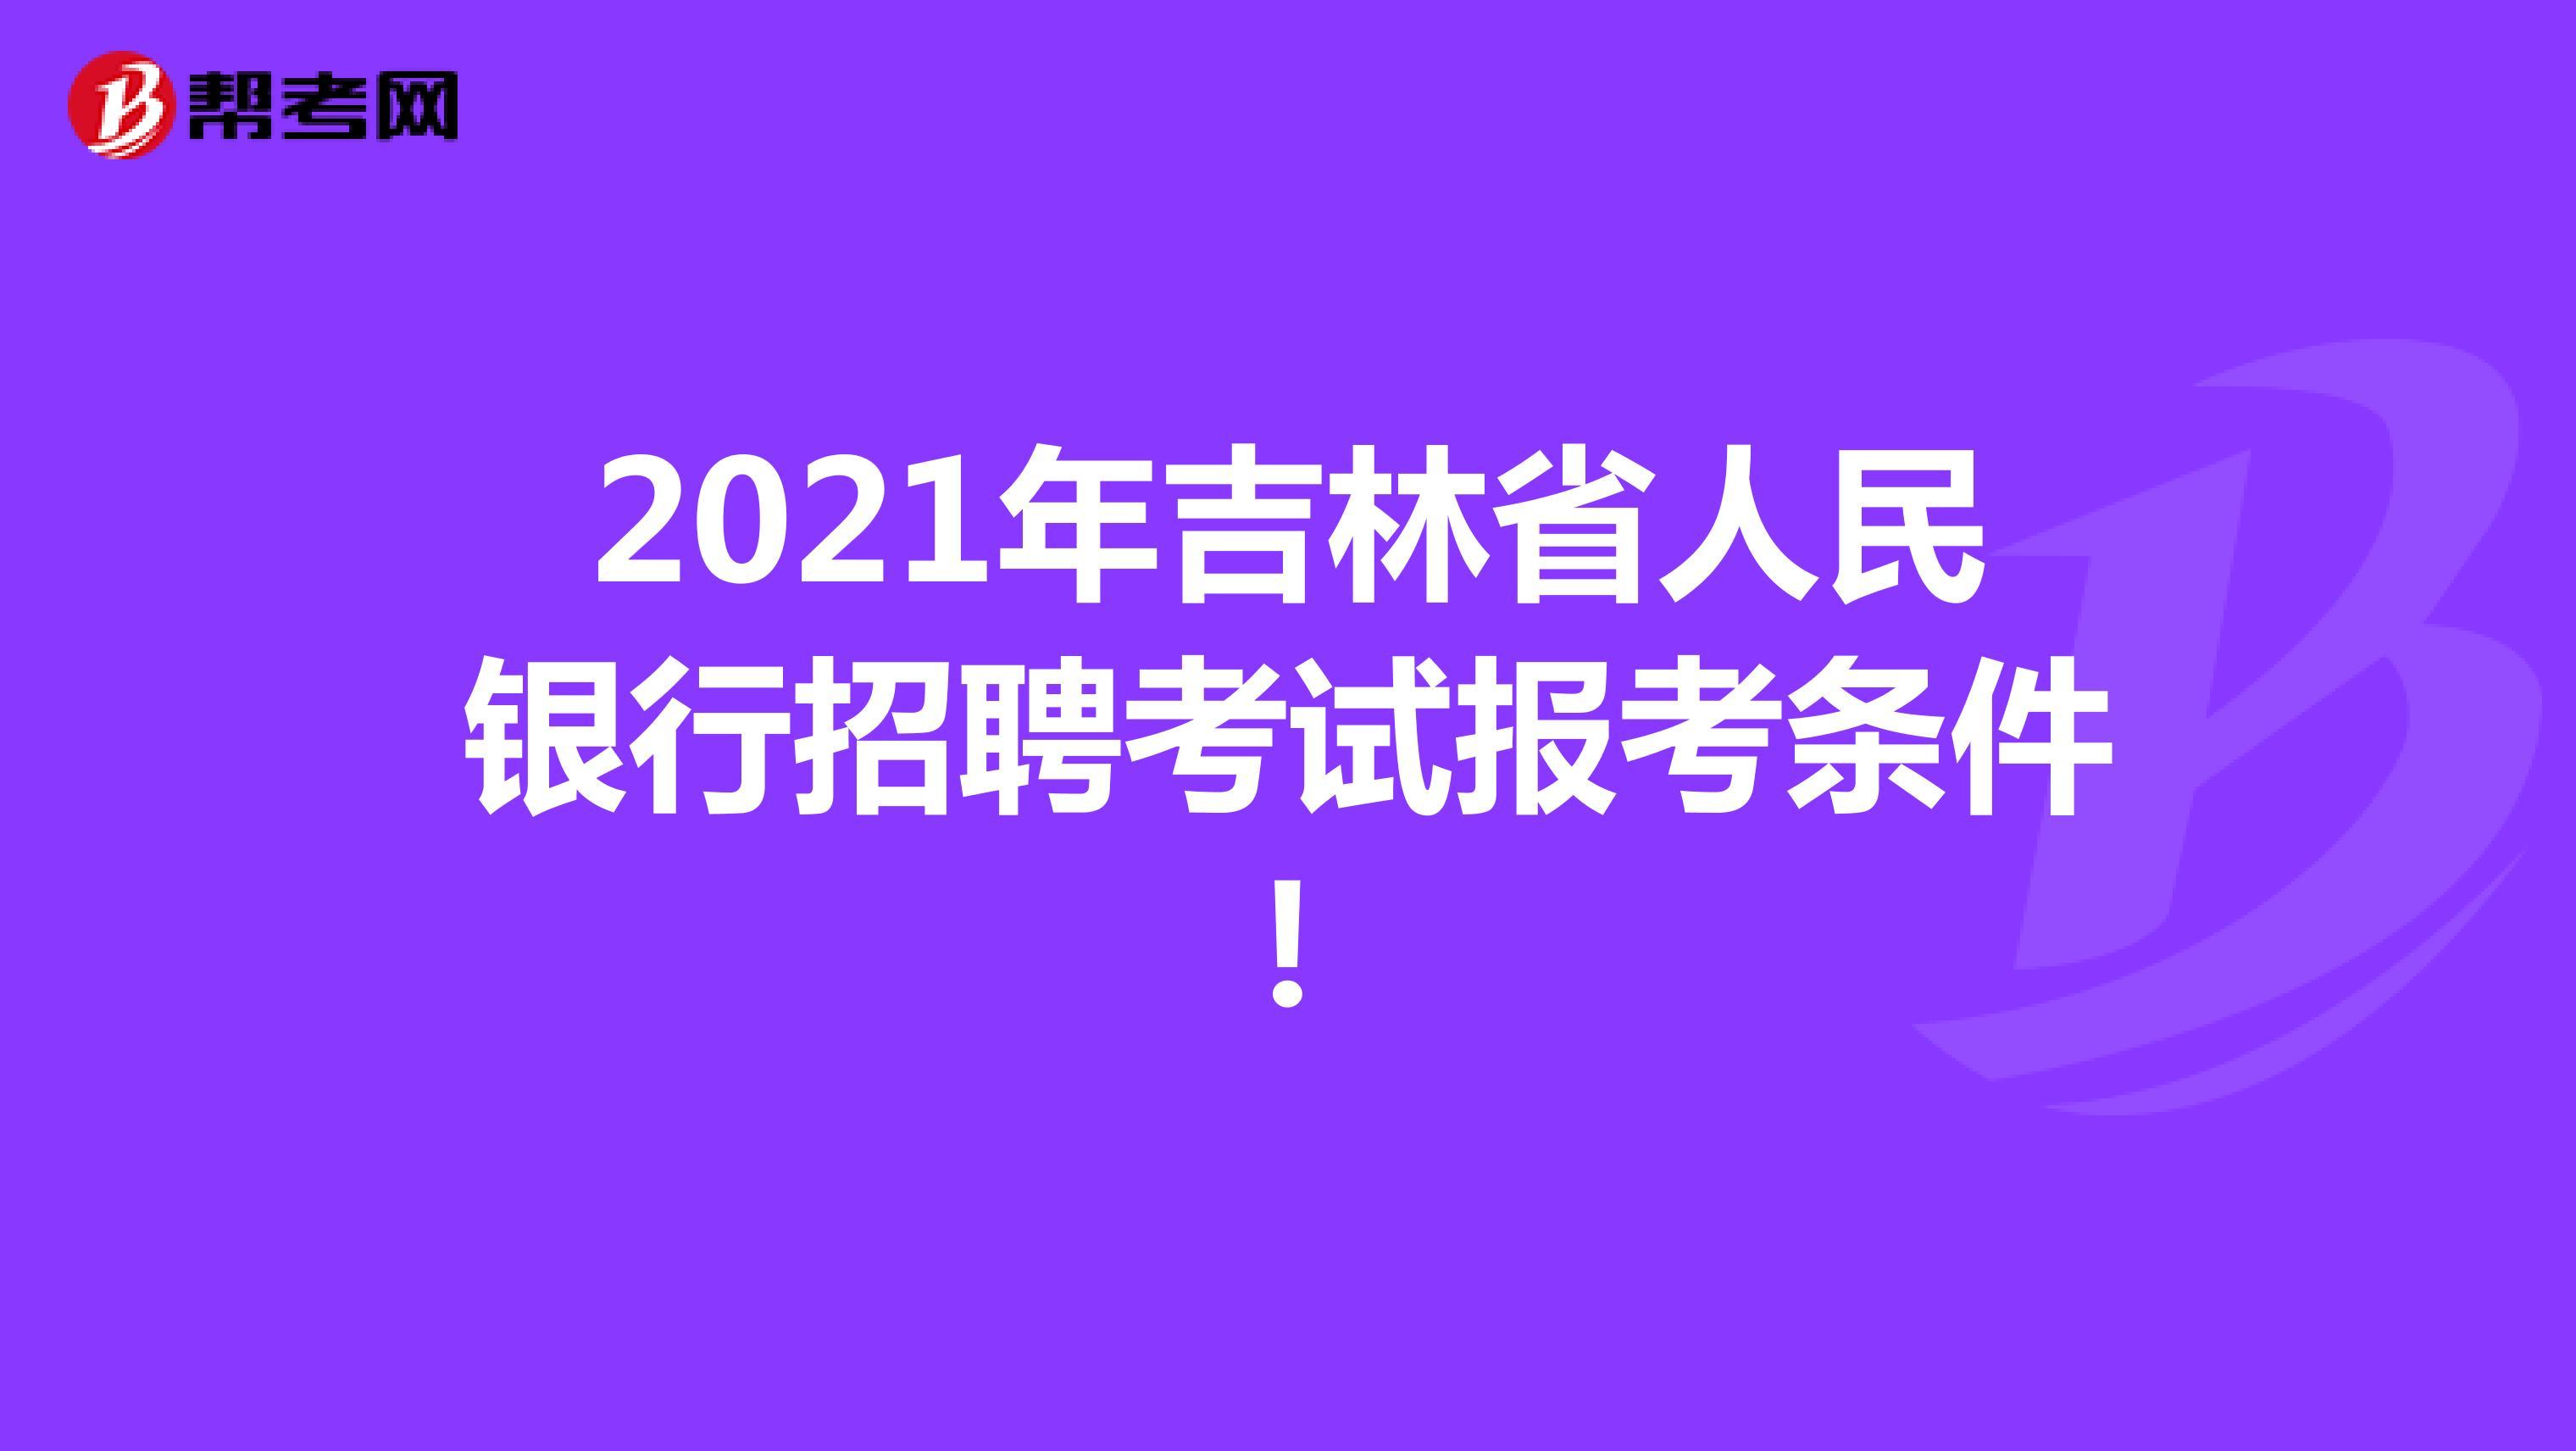 2021年吉林省人民银行招聘考试报考条件!